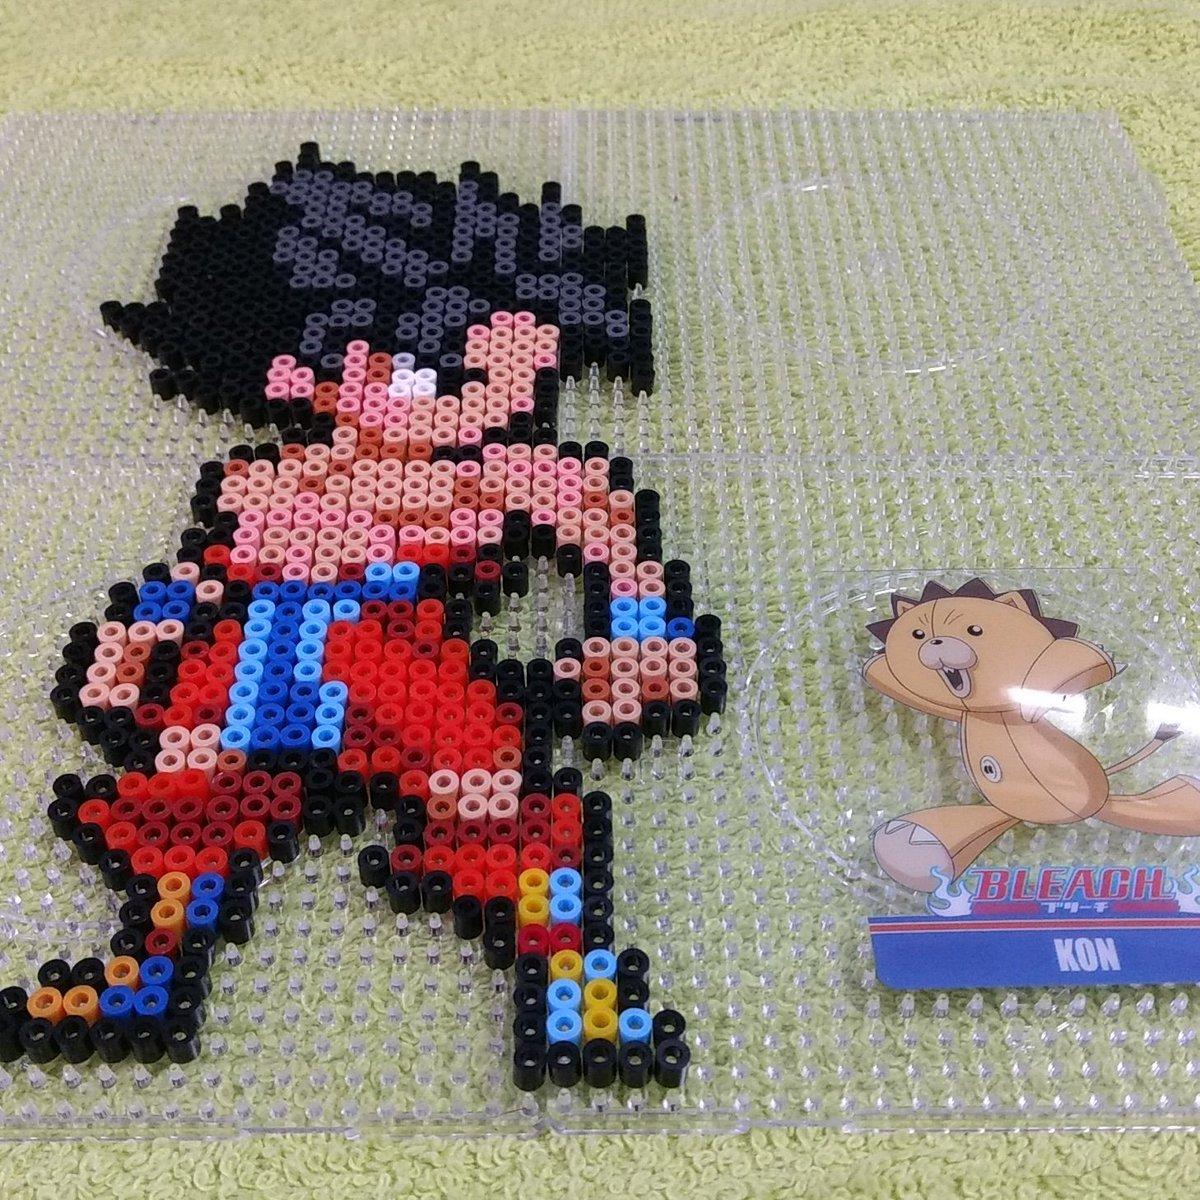 Wasabi Pixel Art Shop On Twitter Goku Dragon Ball Super